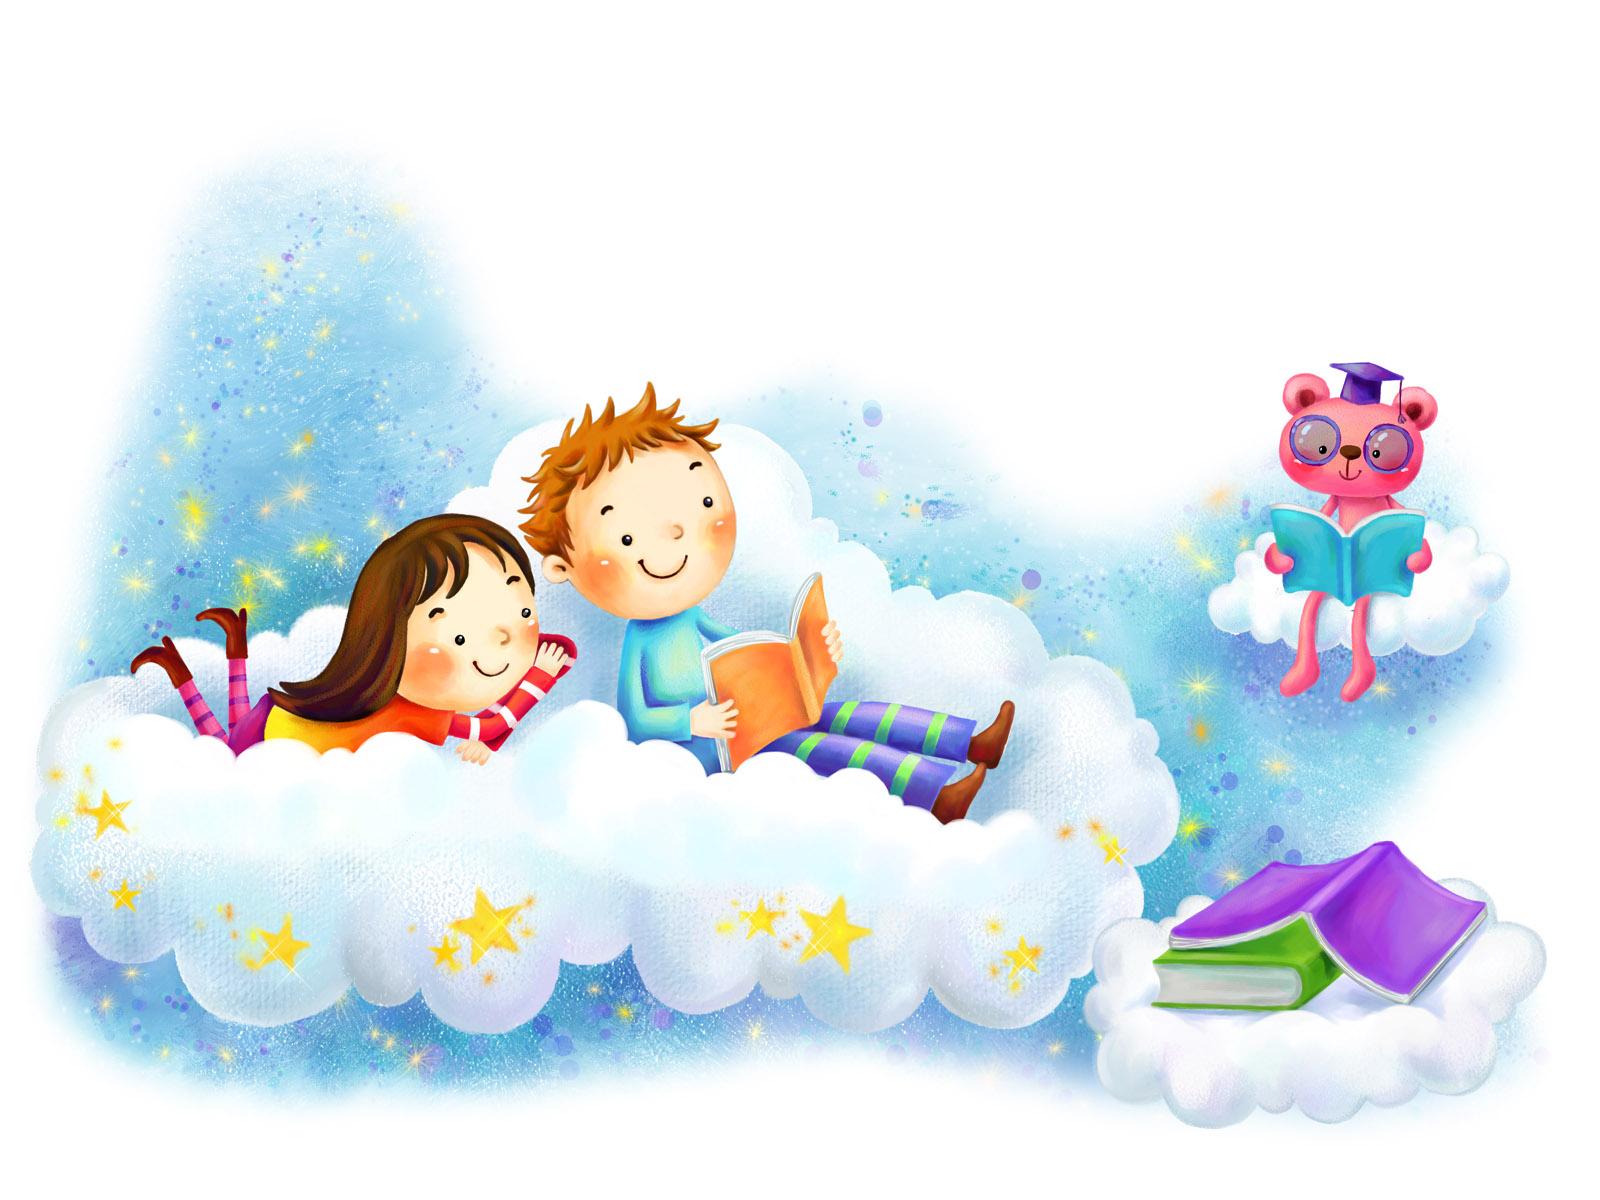 http://2.bp.blogspot.com/-dnNNpaw1bIg/UA_59u1dTeI/AAAAAAAADQs/lhdOQF0Cy9E/s1600/cute+cartoon+wallpapers+11.jpg